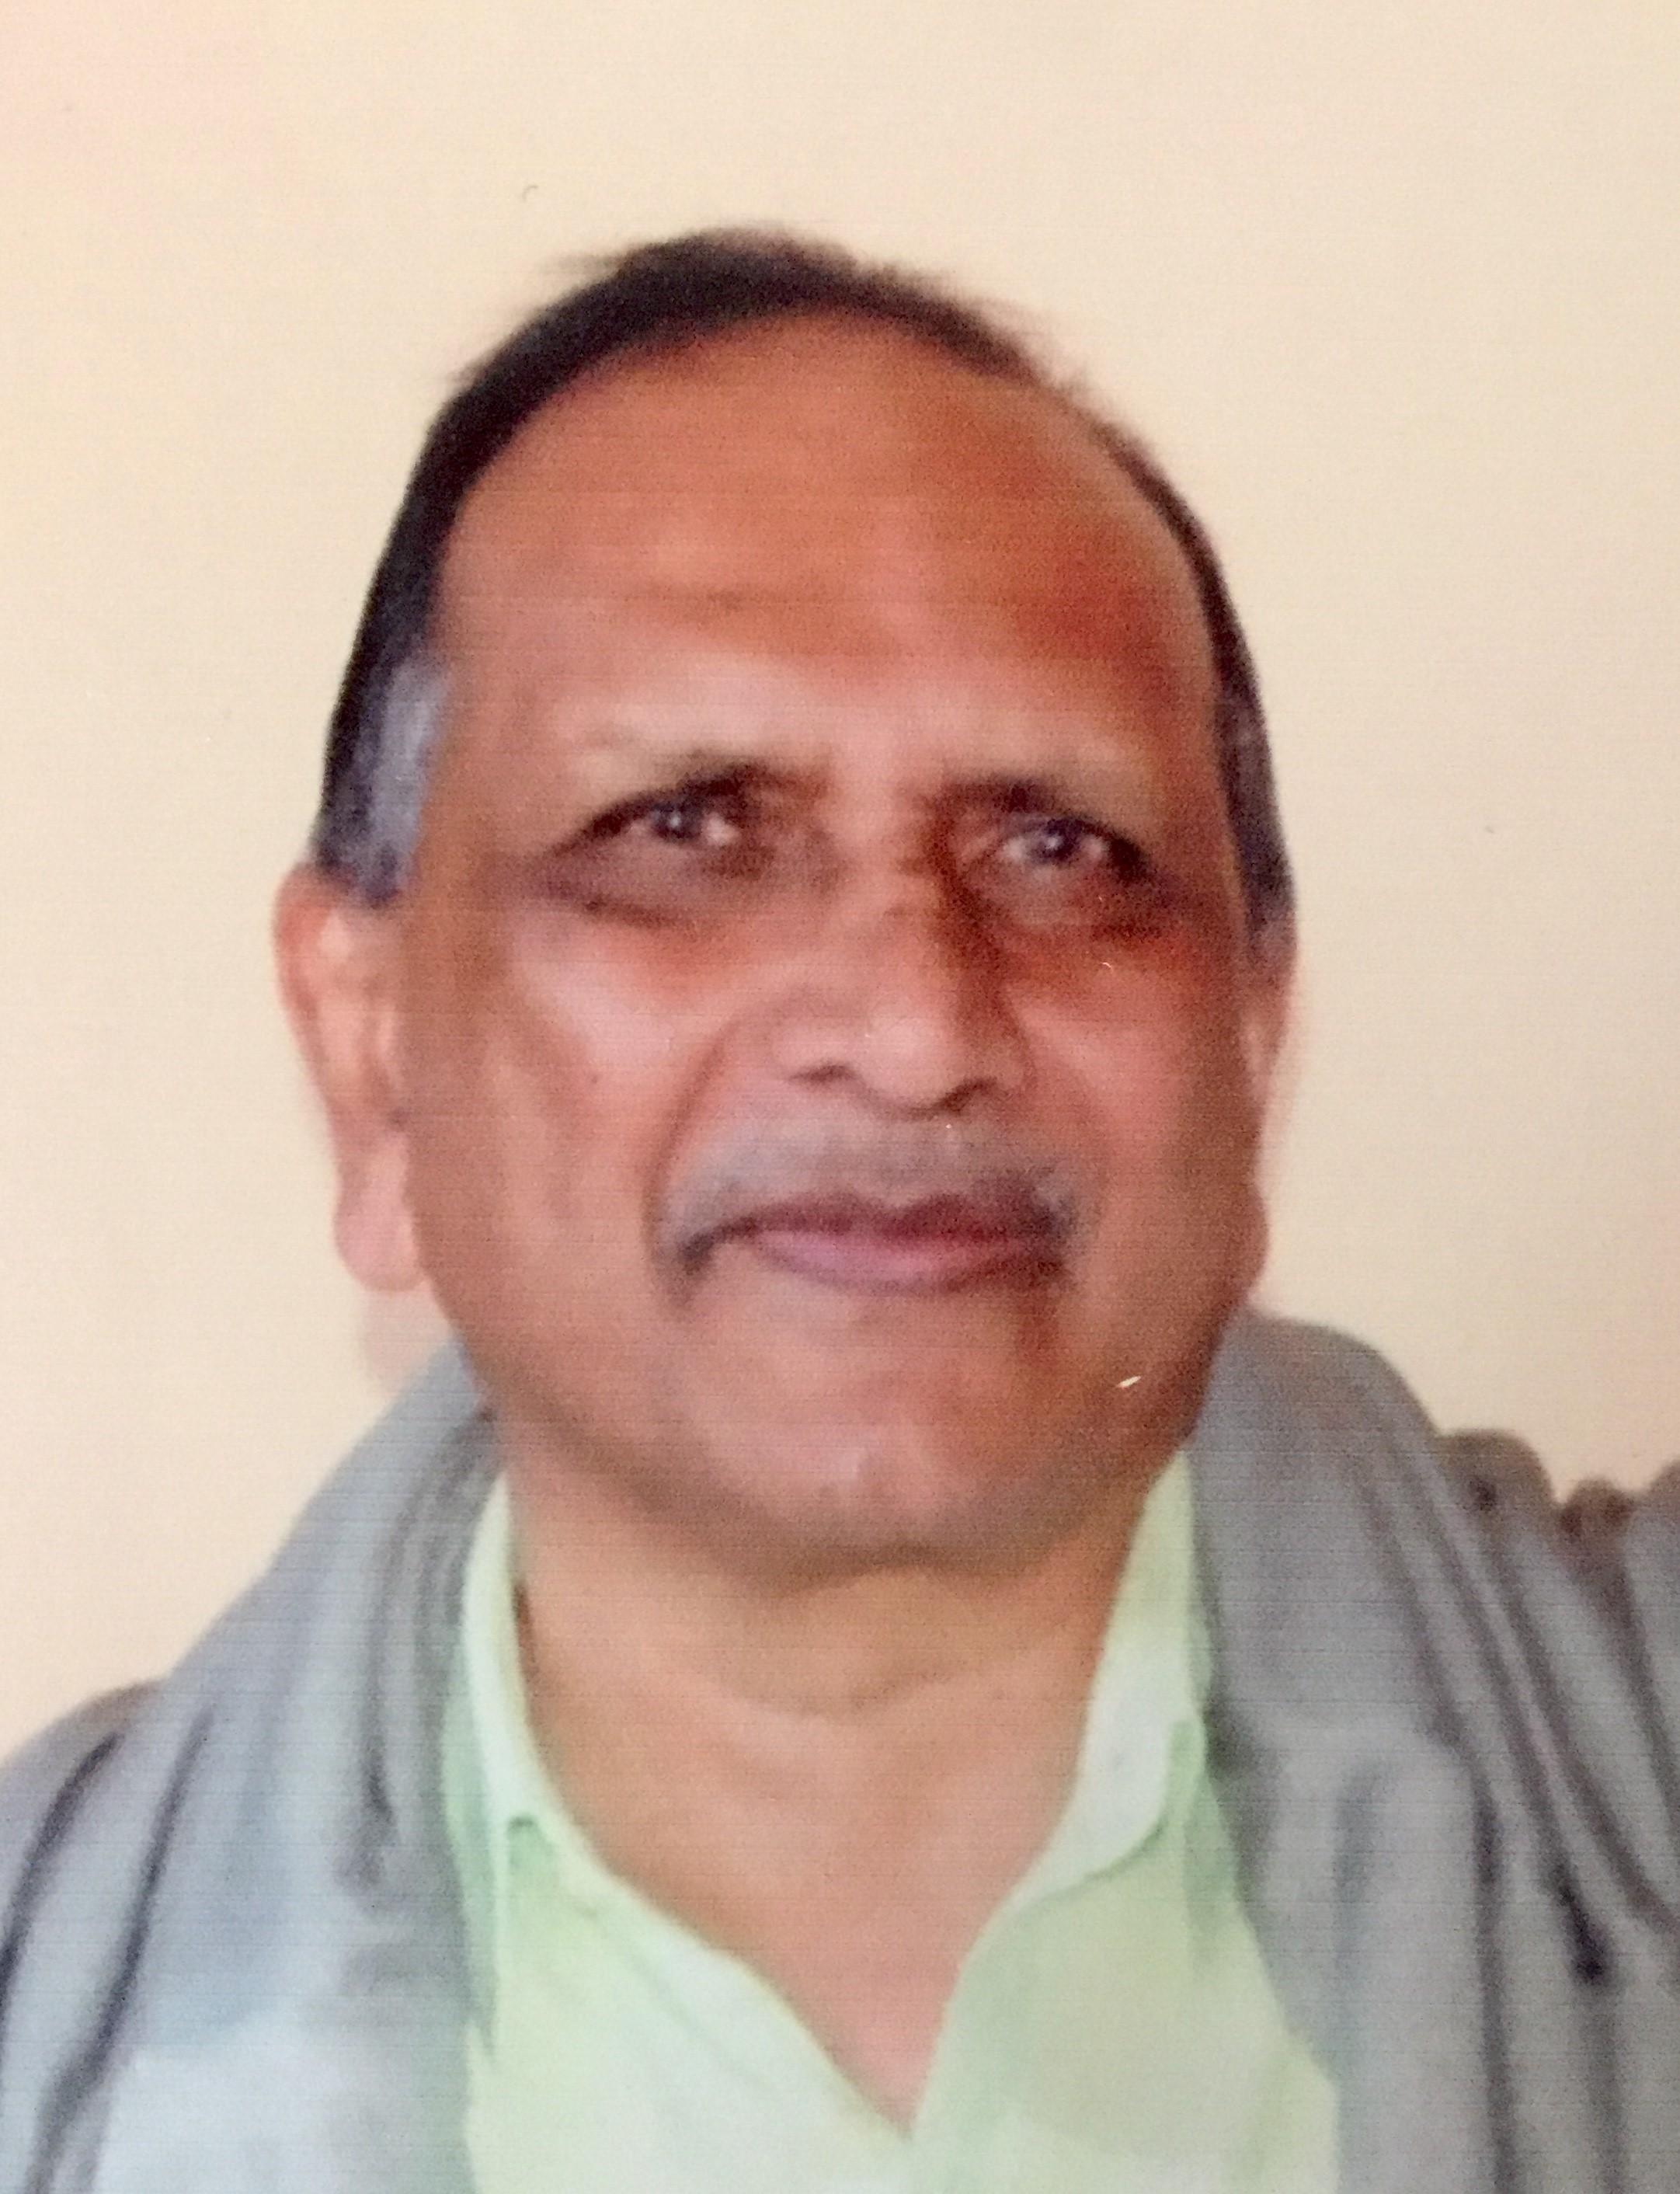 Mr. Pankaj Shamji Ramji Shah